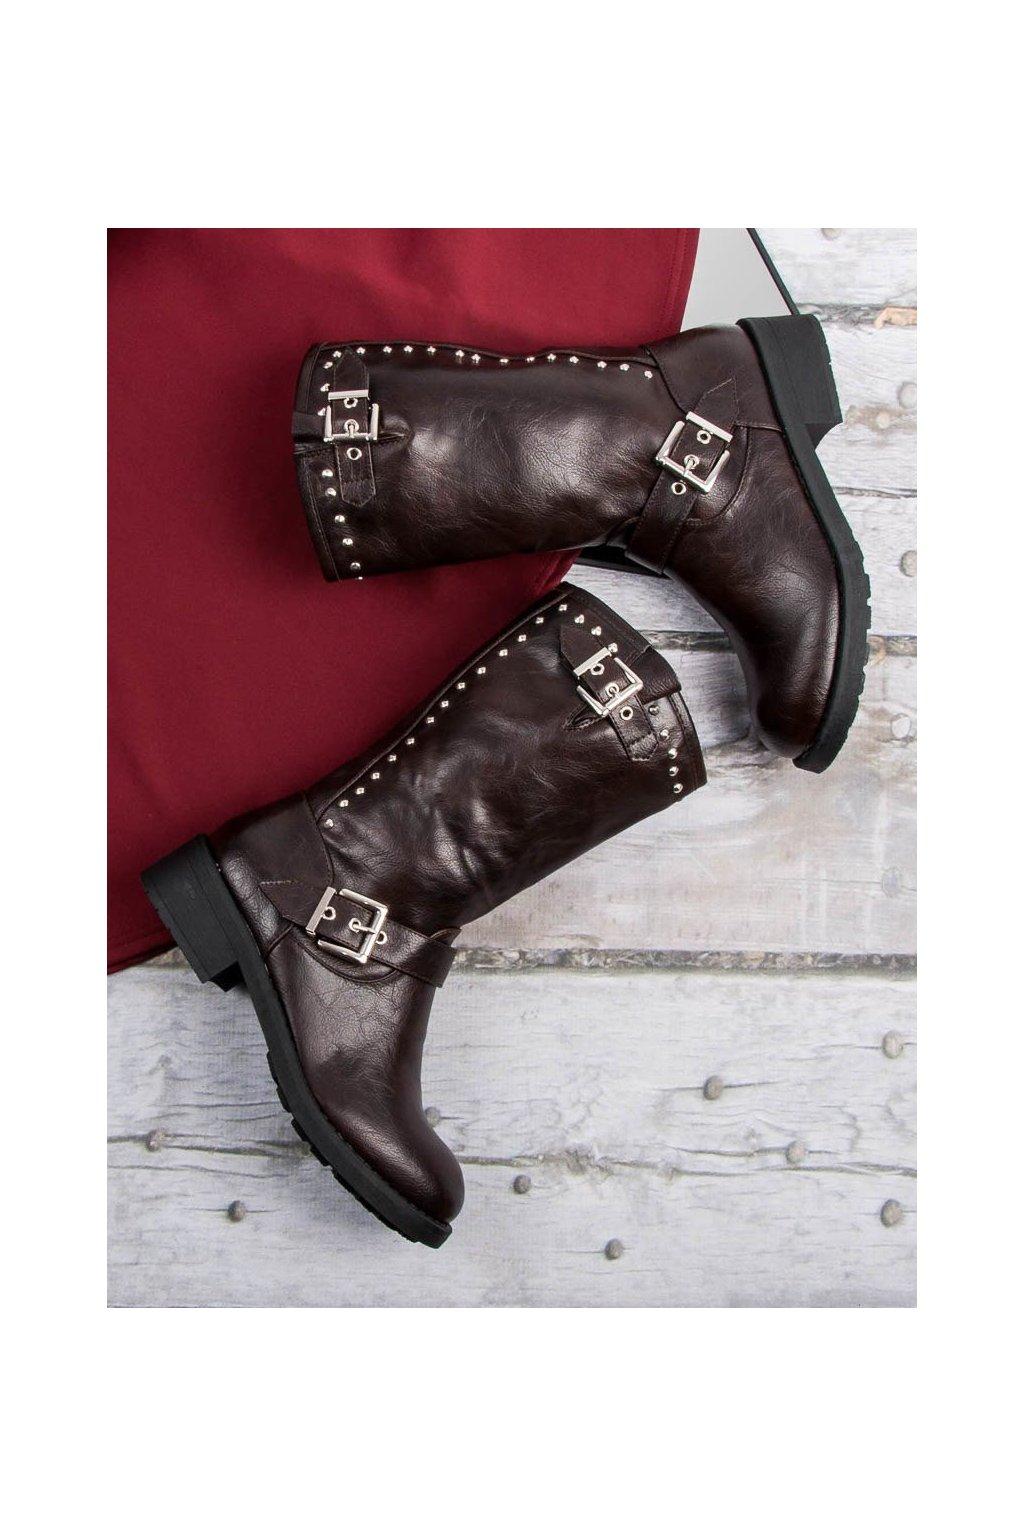 Vysoké topánky čižmy workery v béžovej farbe SDS 6ed739f83c1